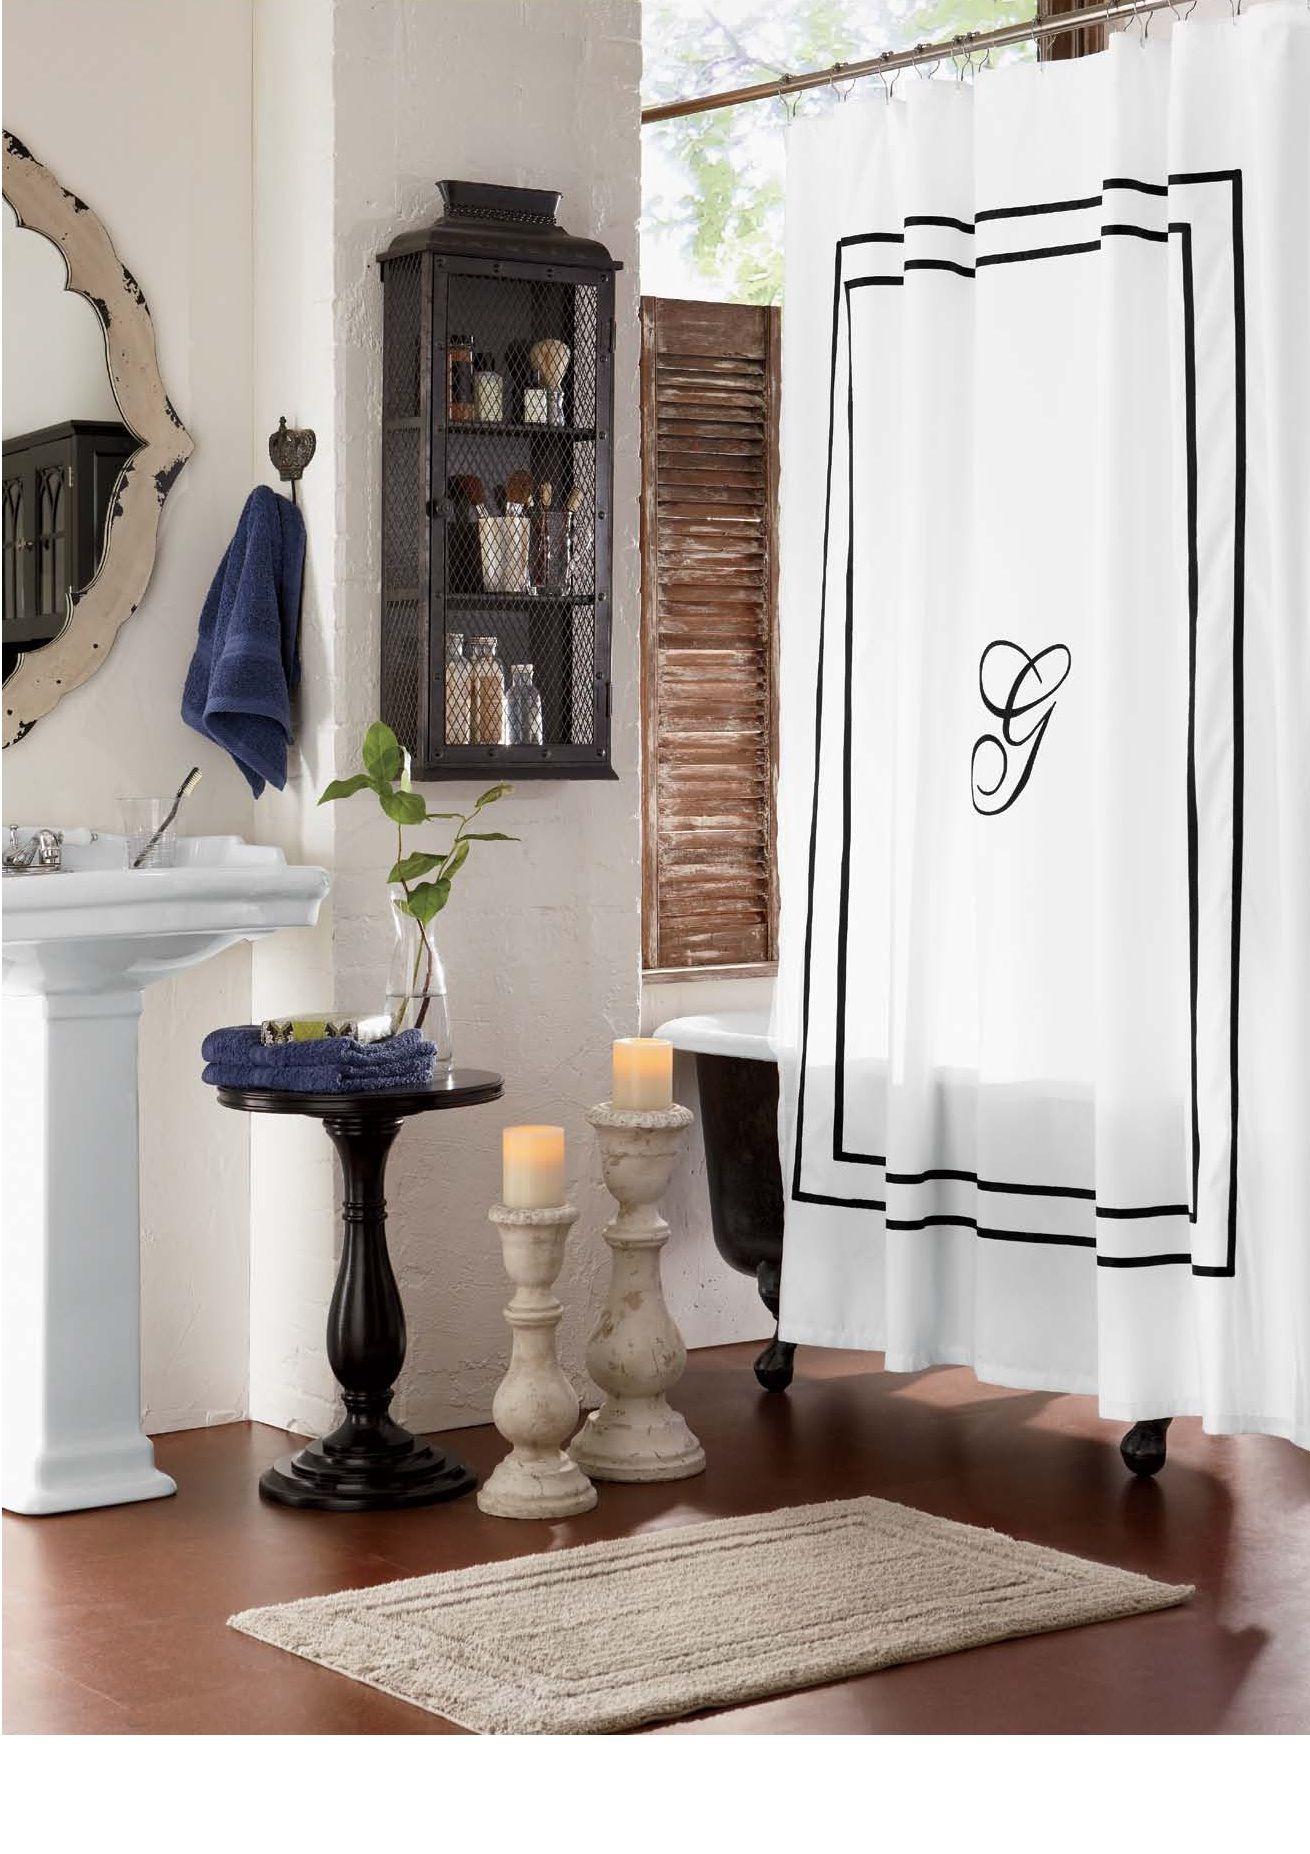 Monogrammed Shower Curtain - Monogrammed Bath Accessories ...